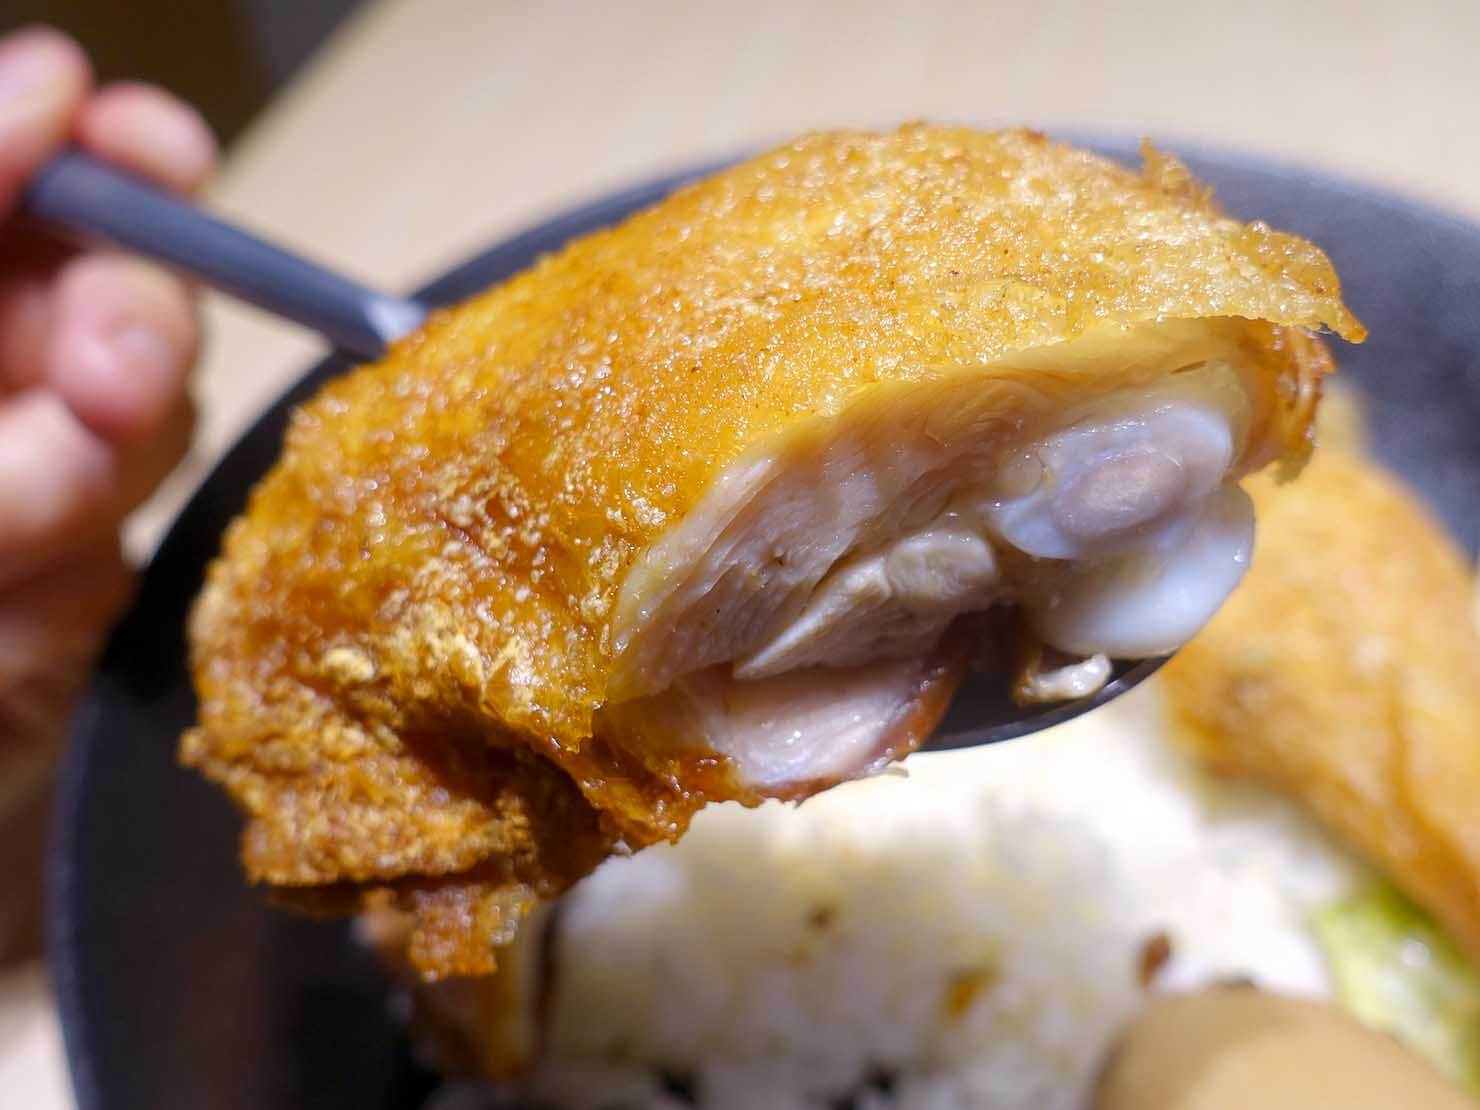 台湾のグルメチェーン店「梁社漢排骨」炸雞腿飯のチキン